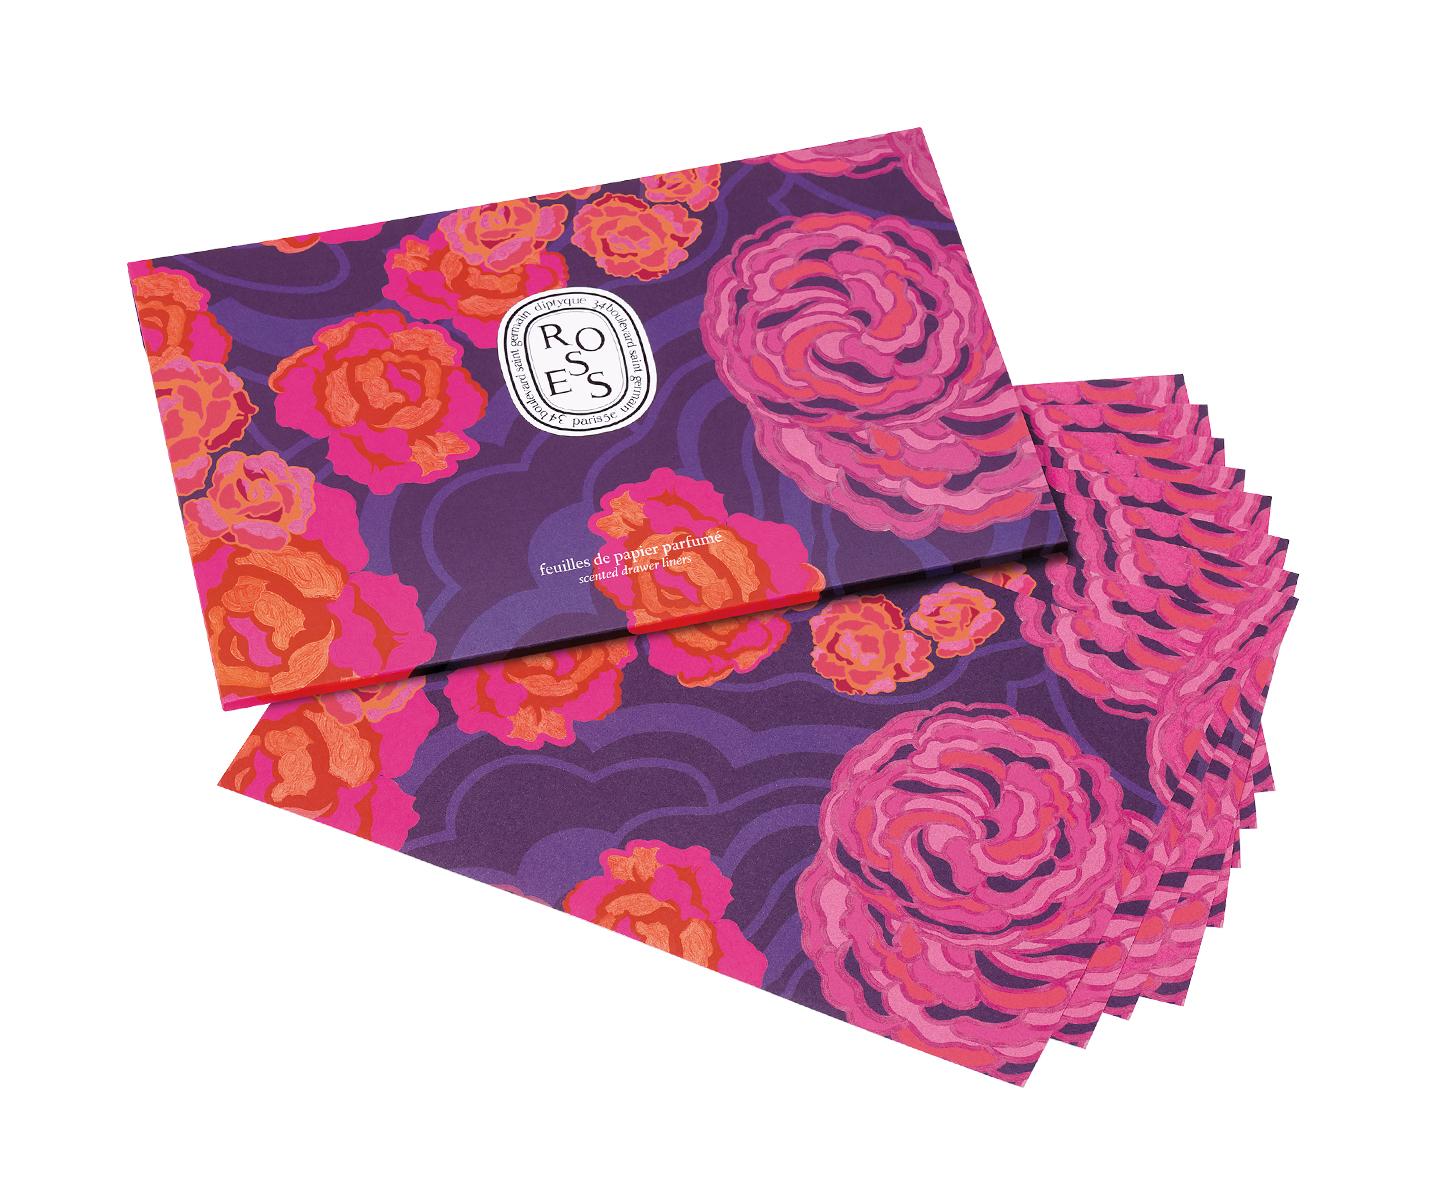 Feuilles de papier parfumé Roses